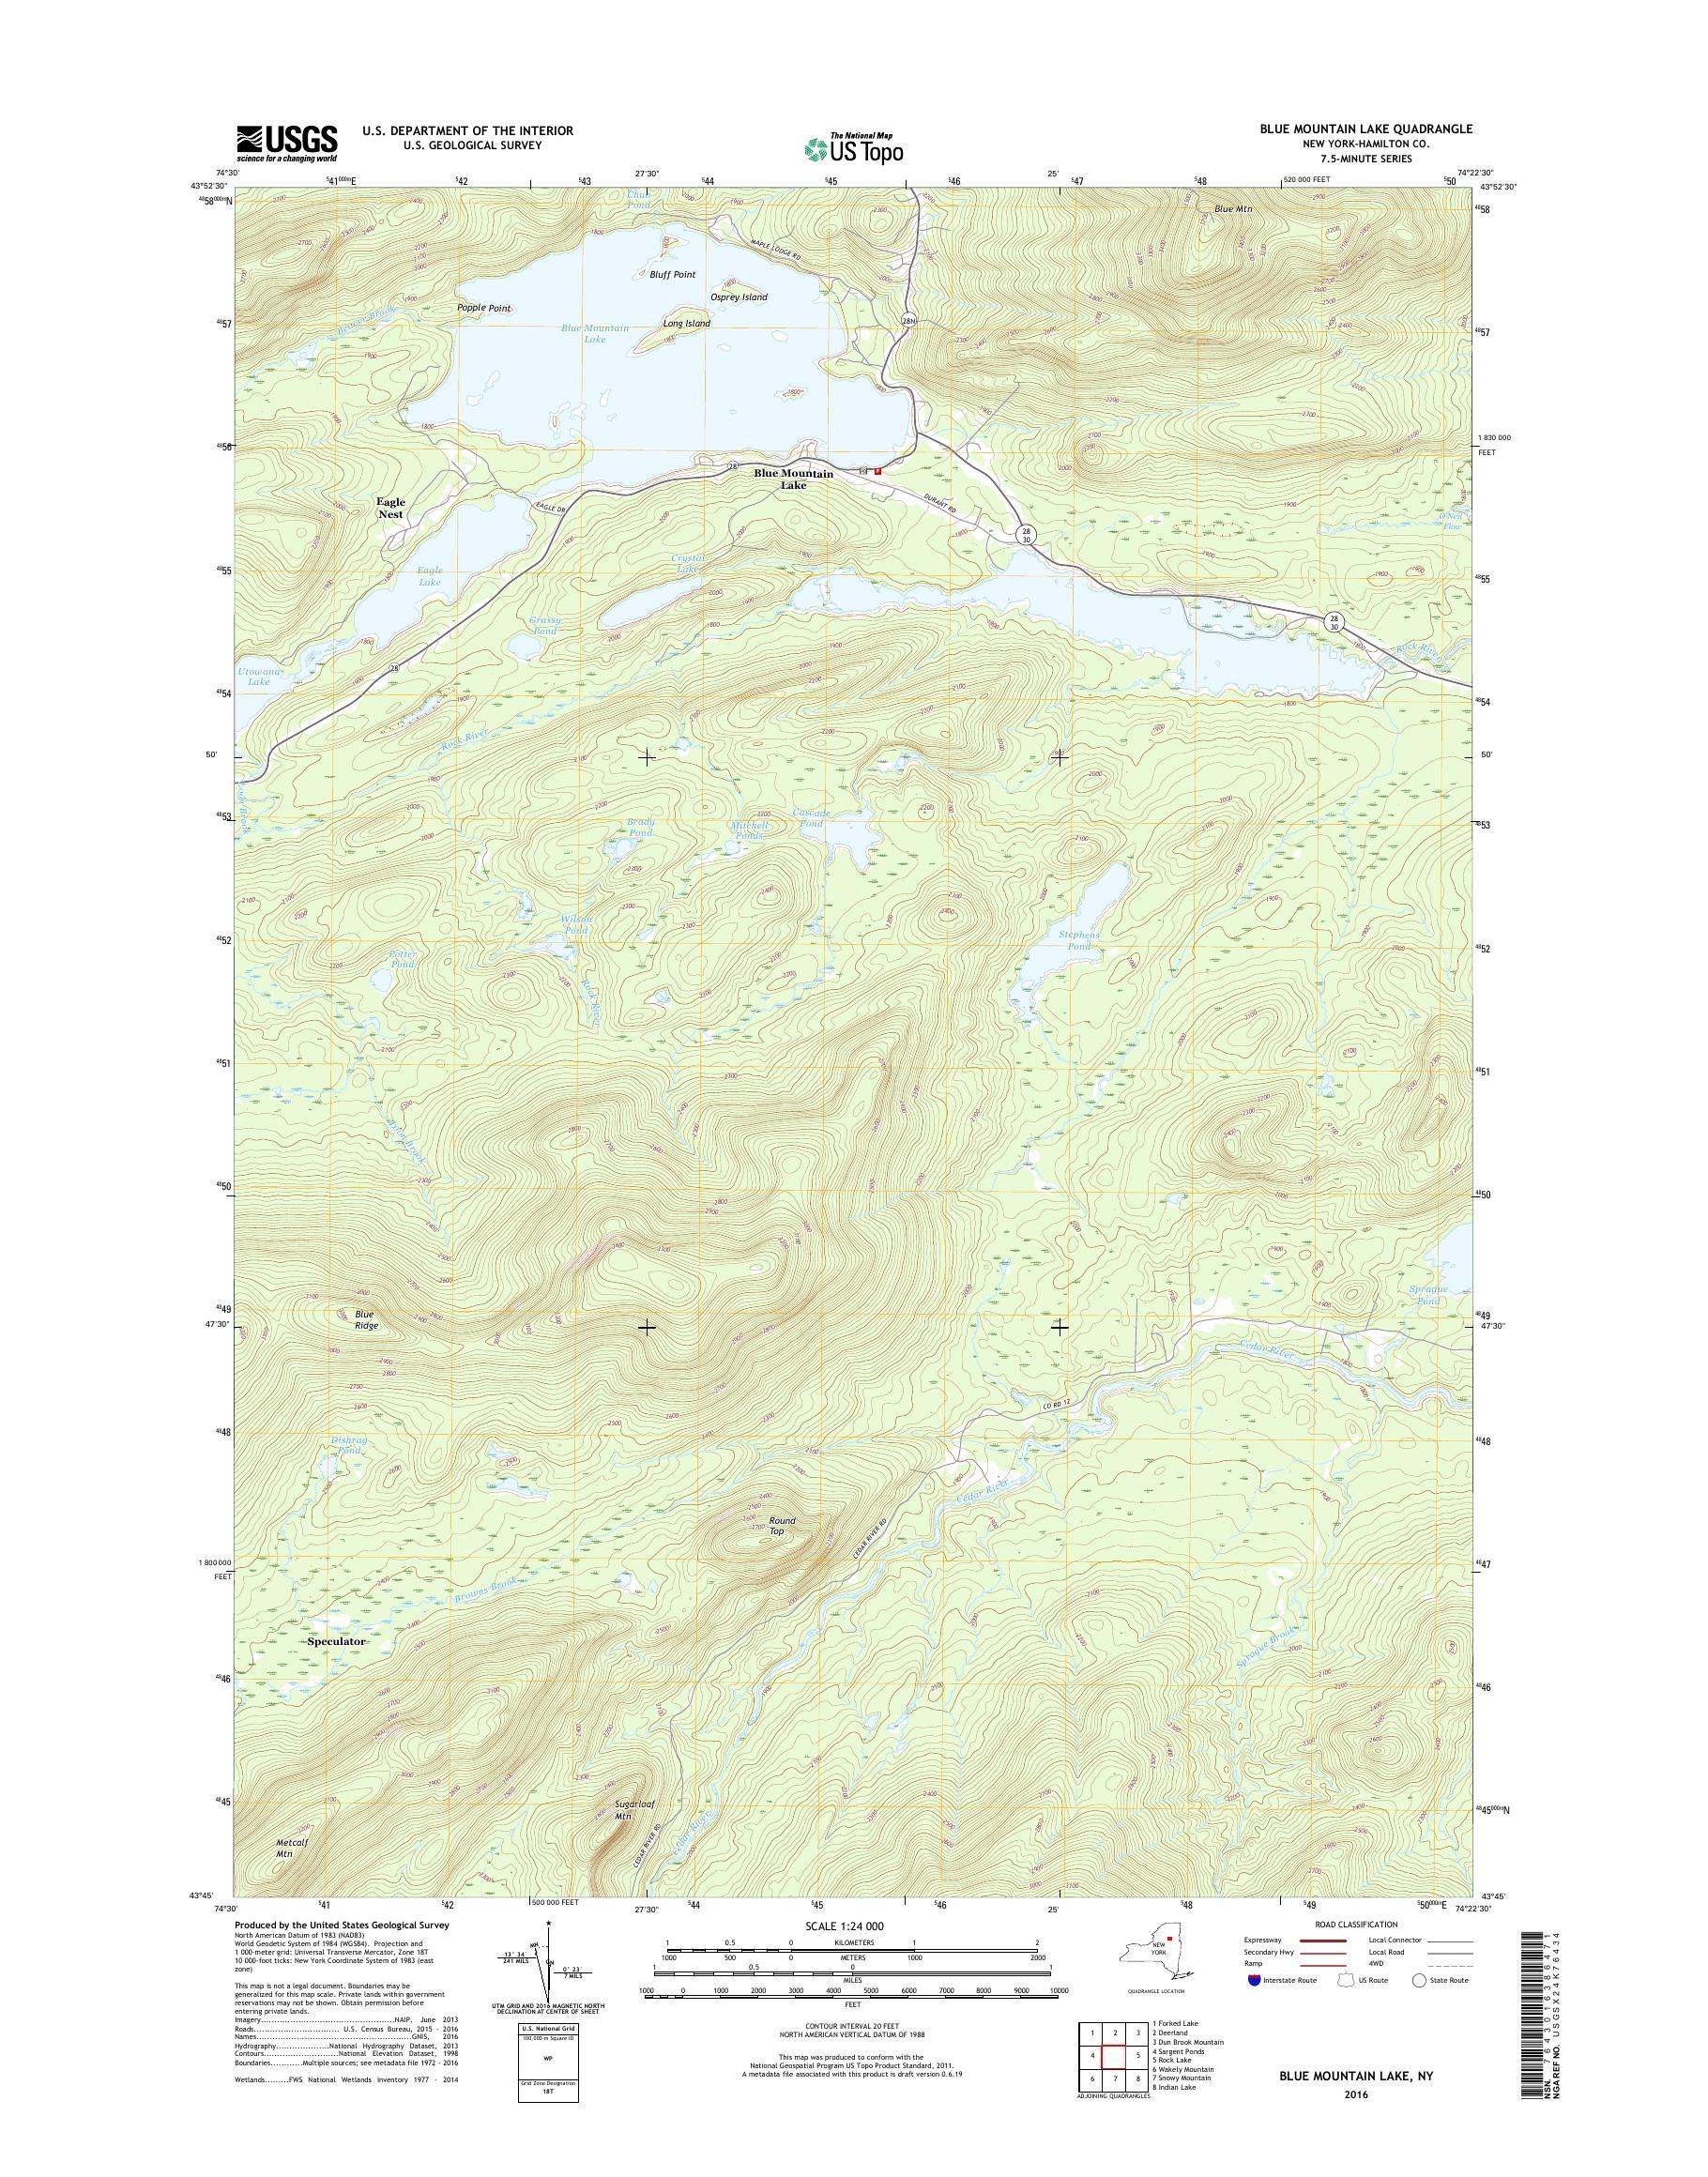 blue mountain lake ny map Mytopo Blue Mountain Lake New York Usgs Quad Topo Map blue mountain lake ny map